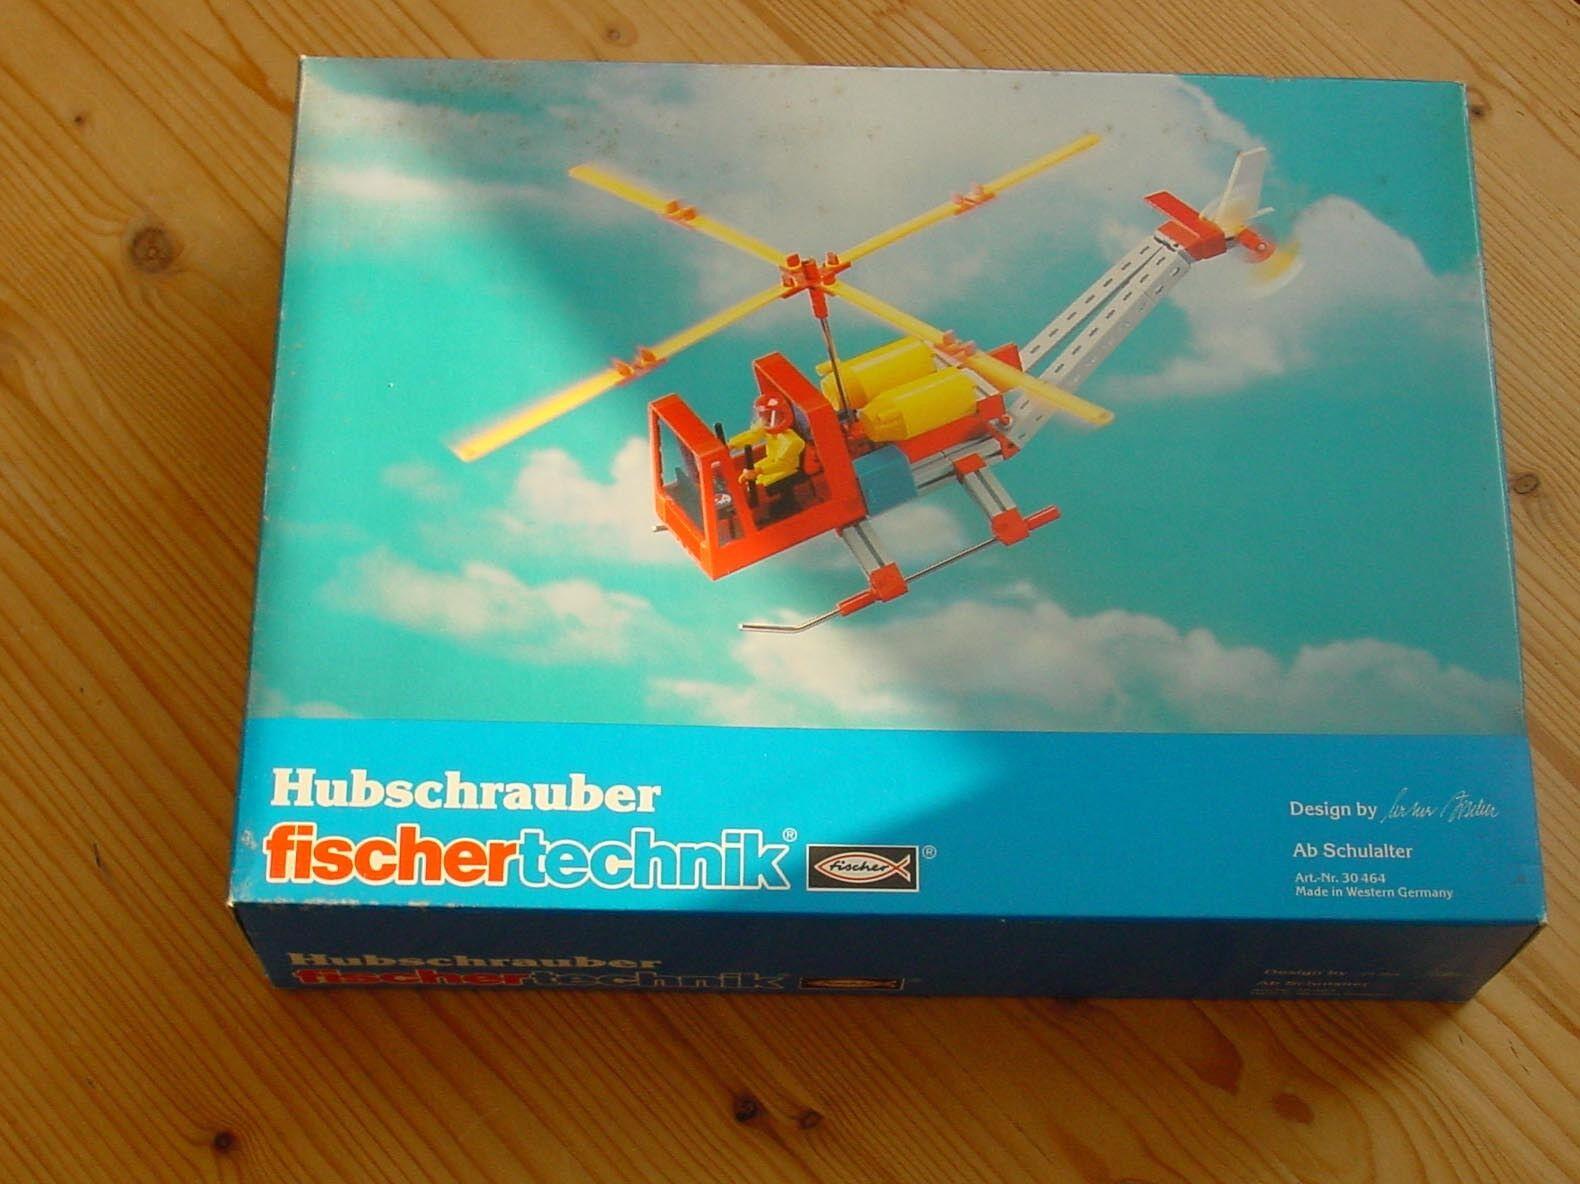 Fischertechnik - Hubschrauber -- Unbespielt